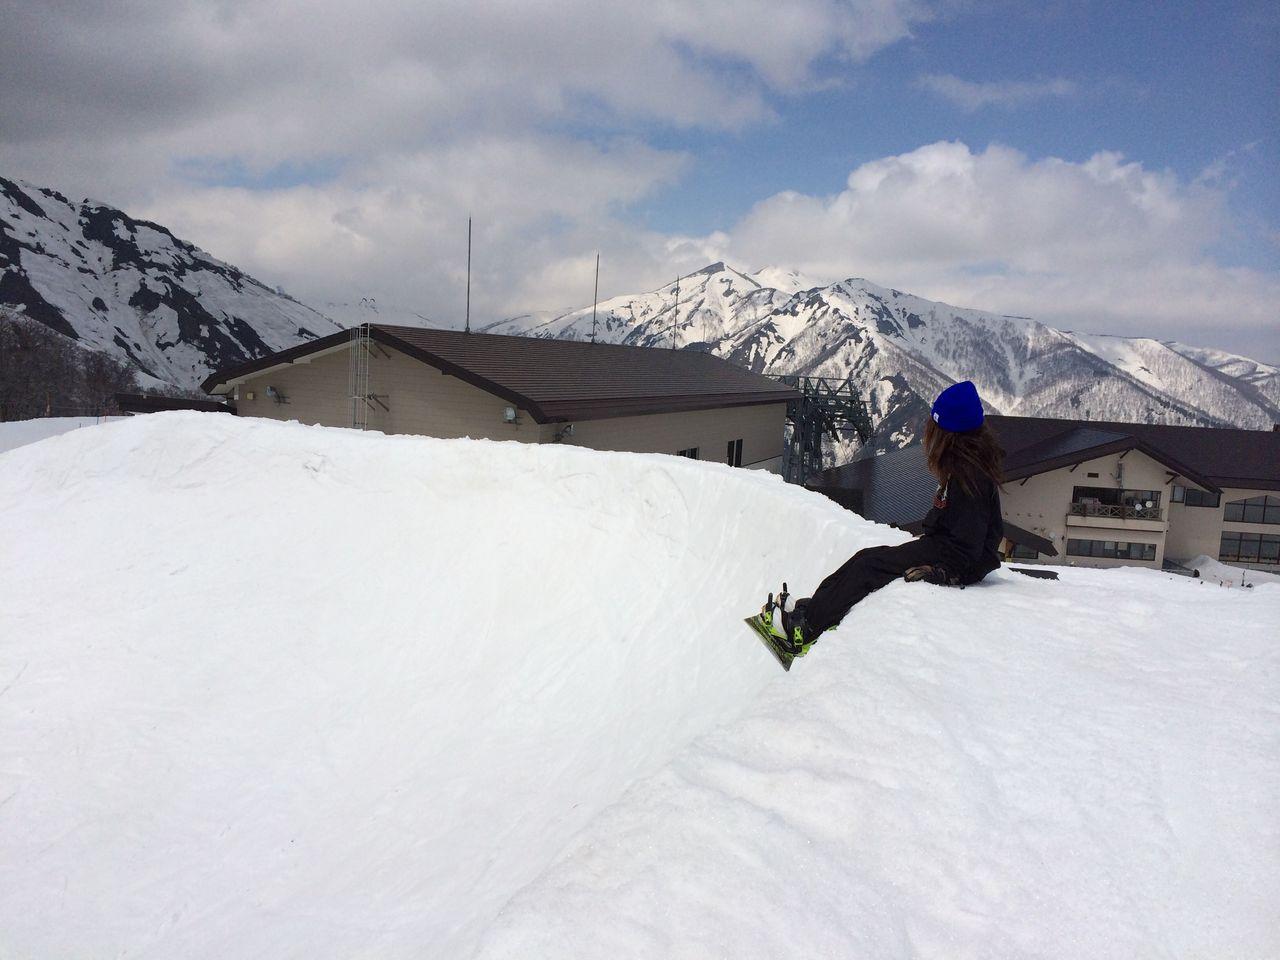 天神平スキー場景色